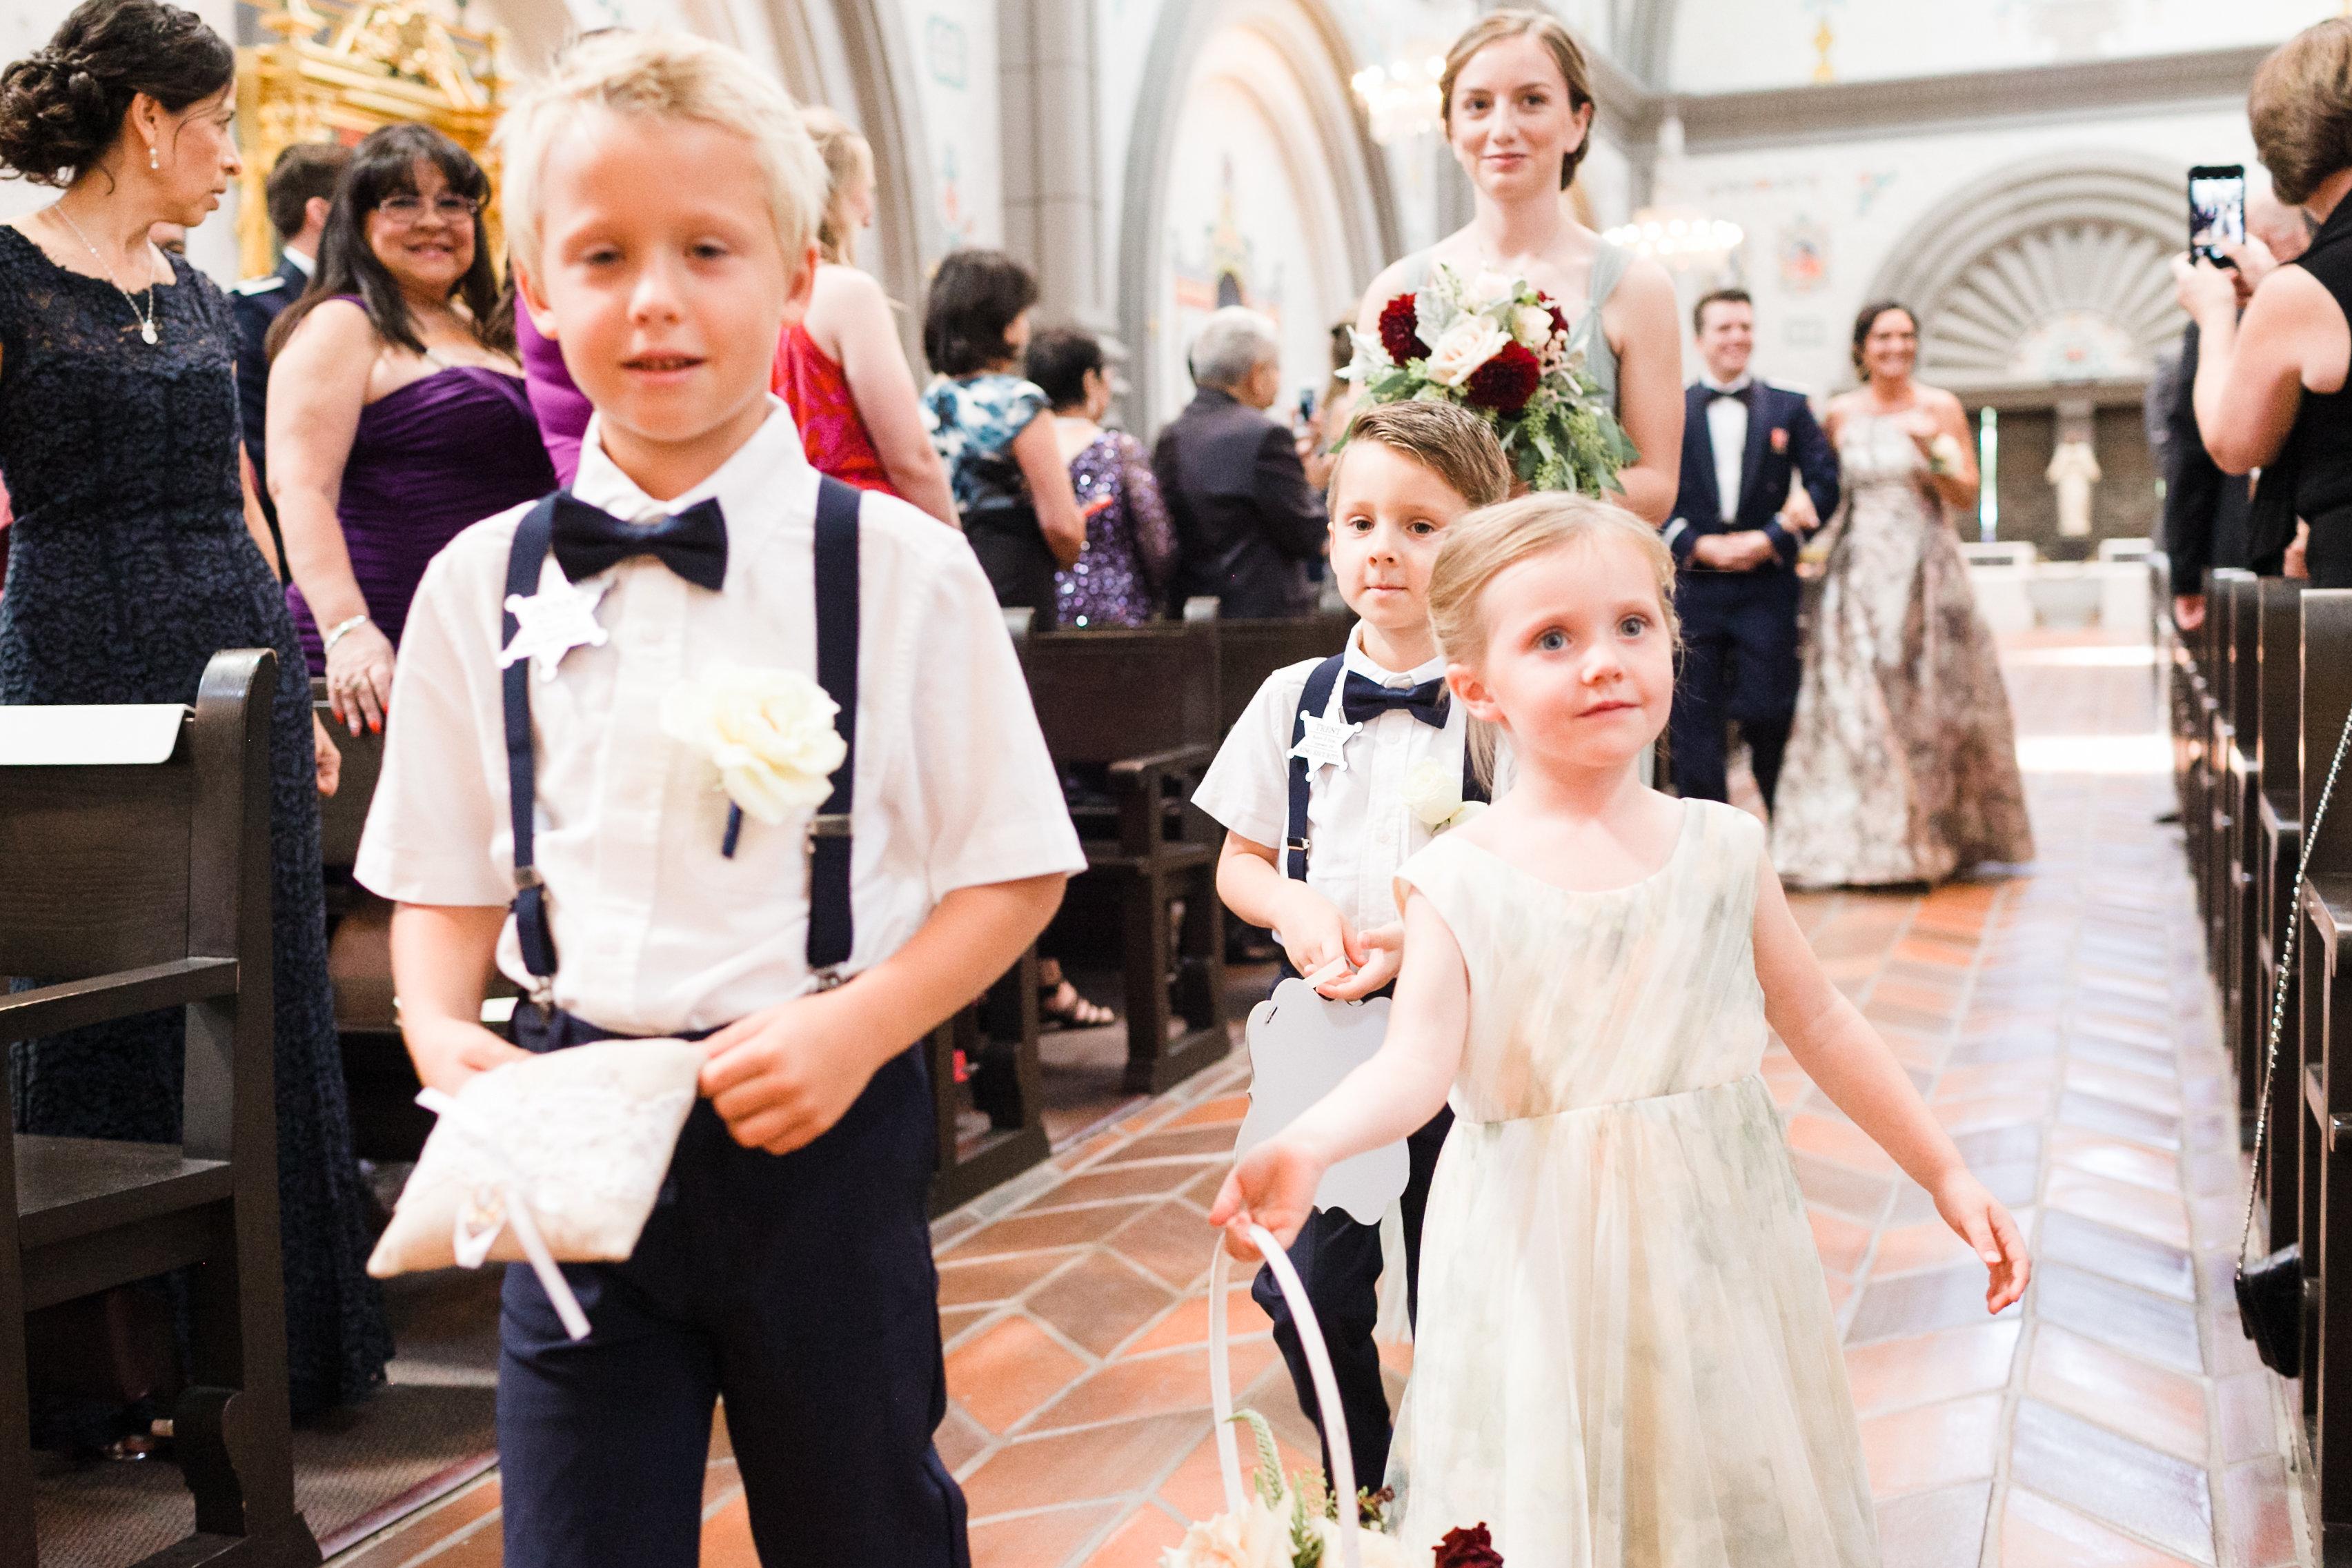 kasey+evanwedding_ceremony_164